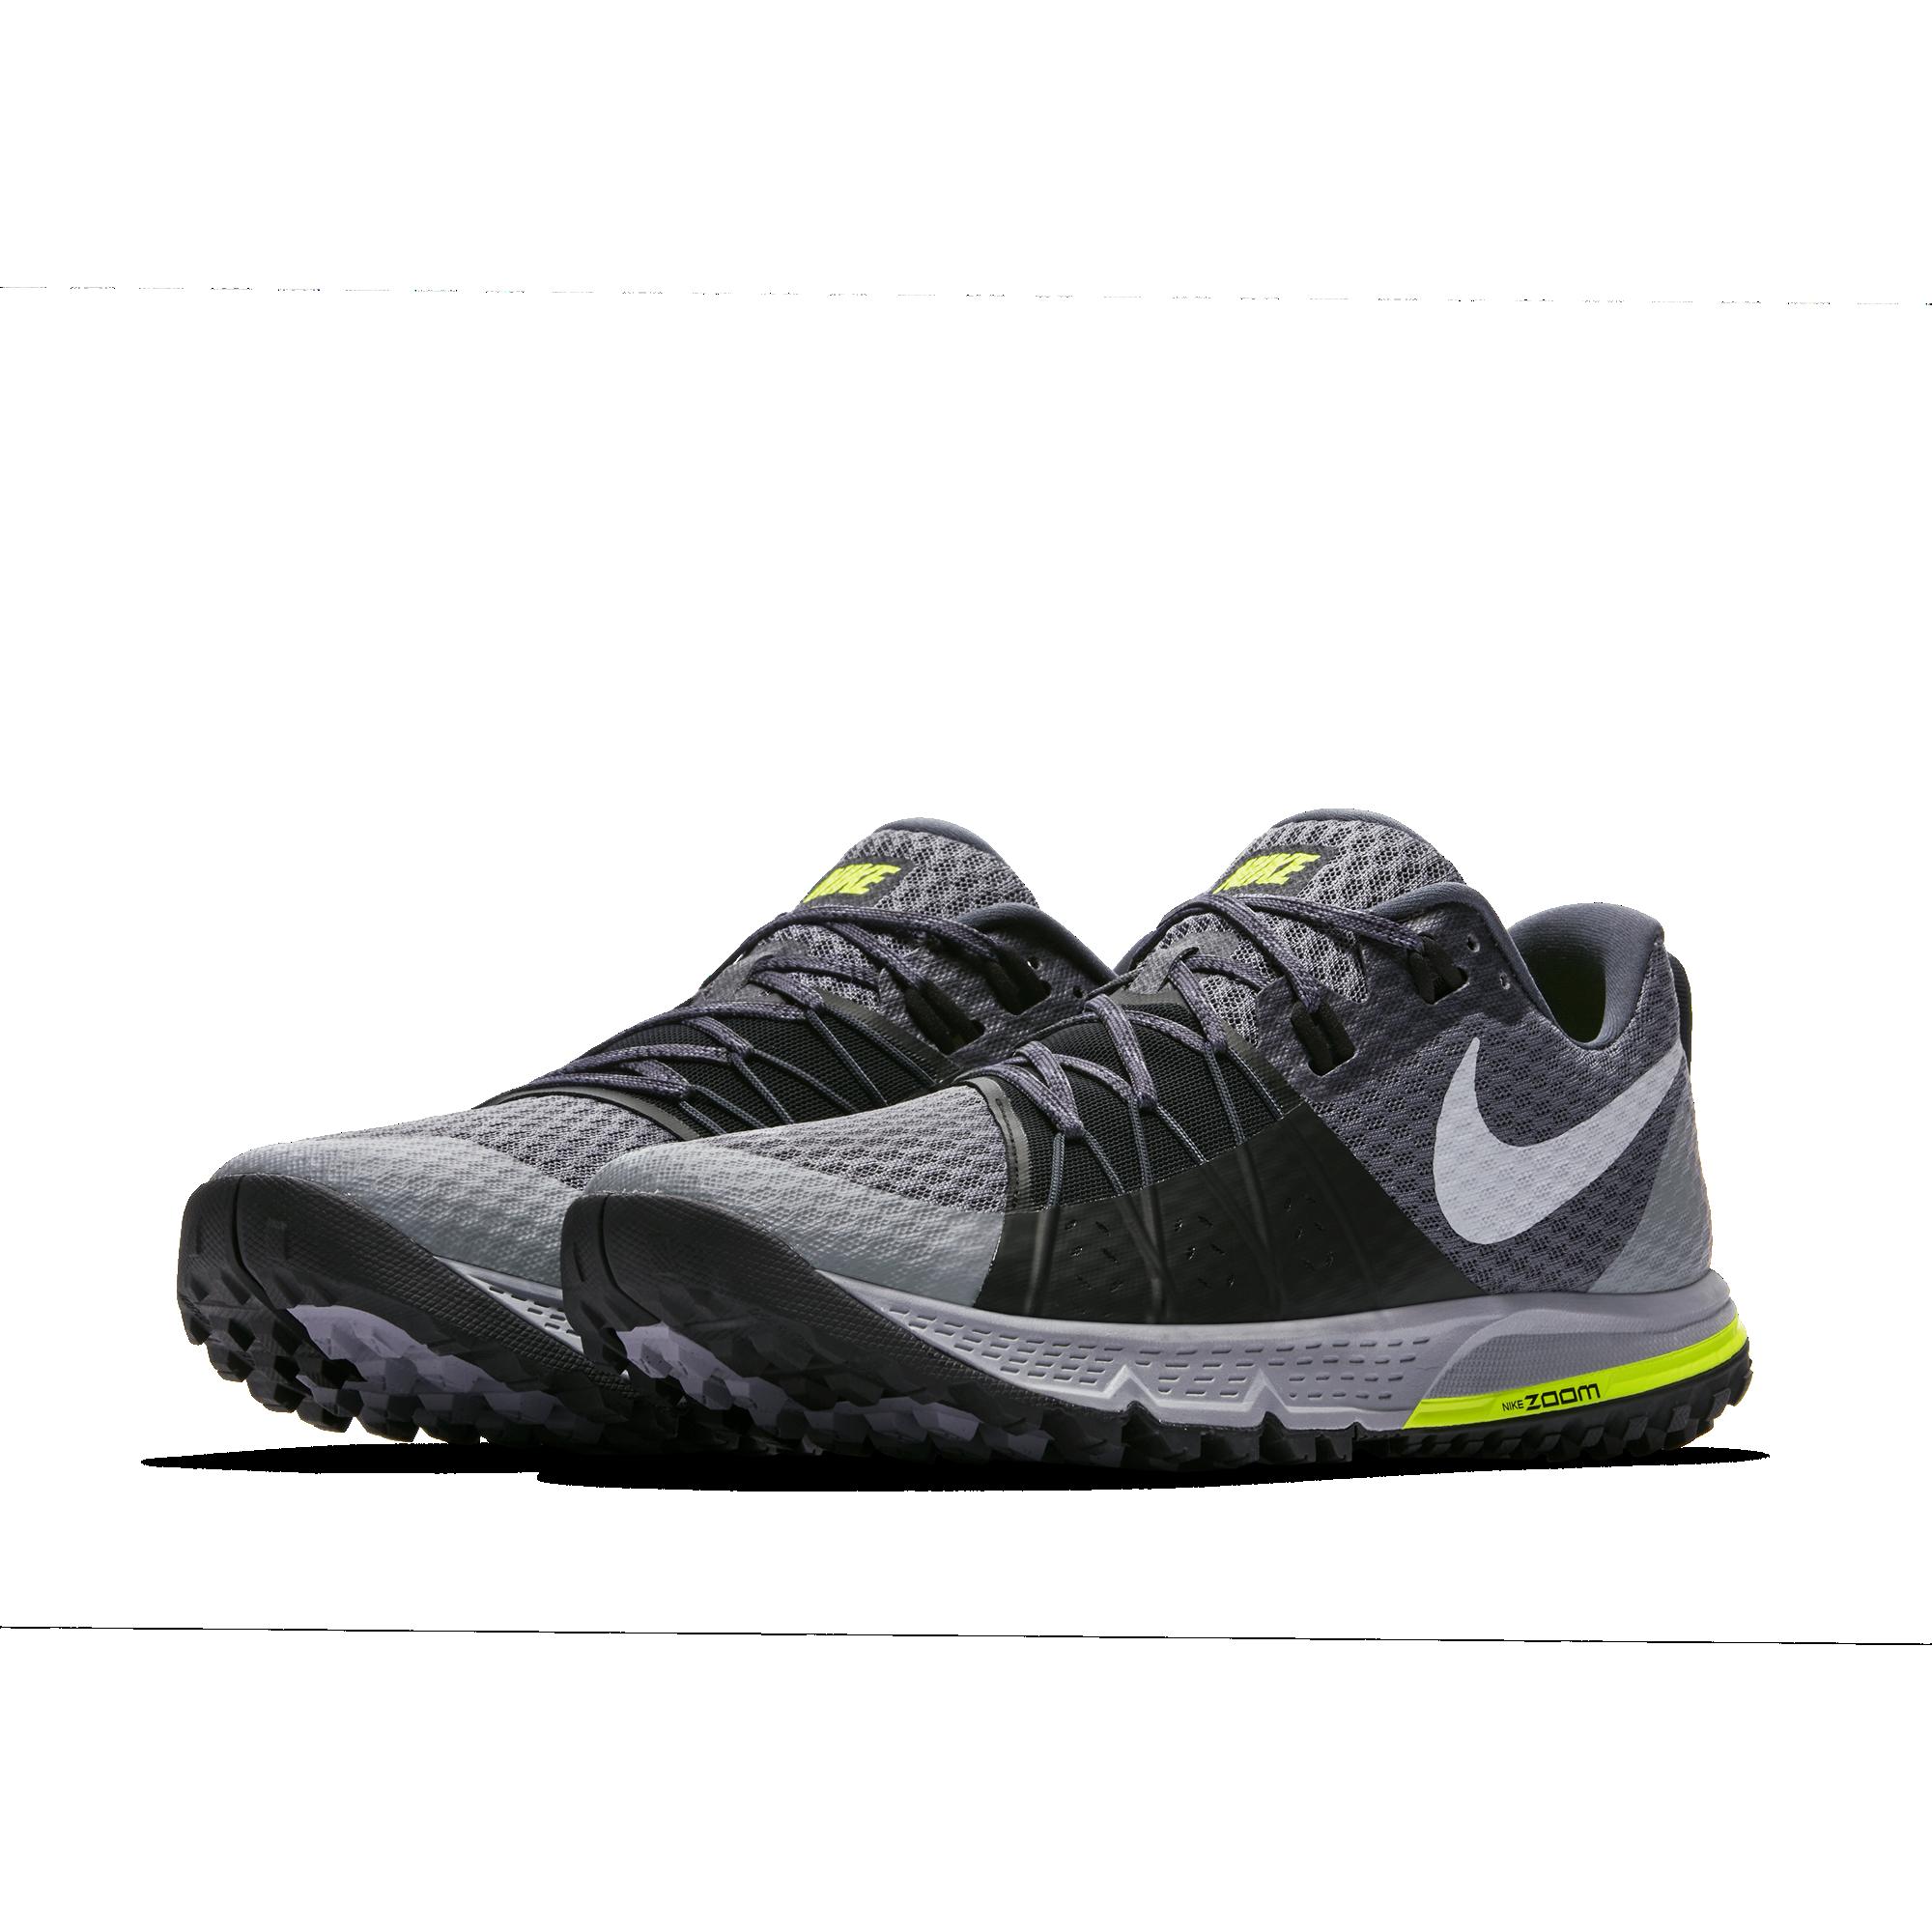 Trekking Nike Zoom Outdoor Wildhorse Air 4 Schuhe 8FFpxIw